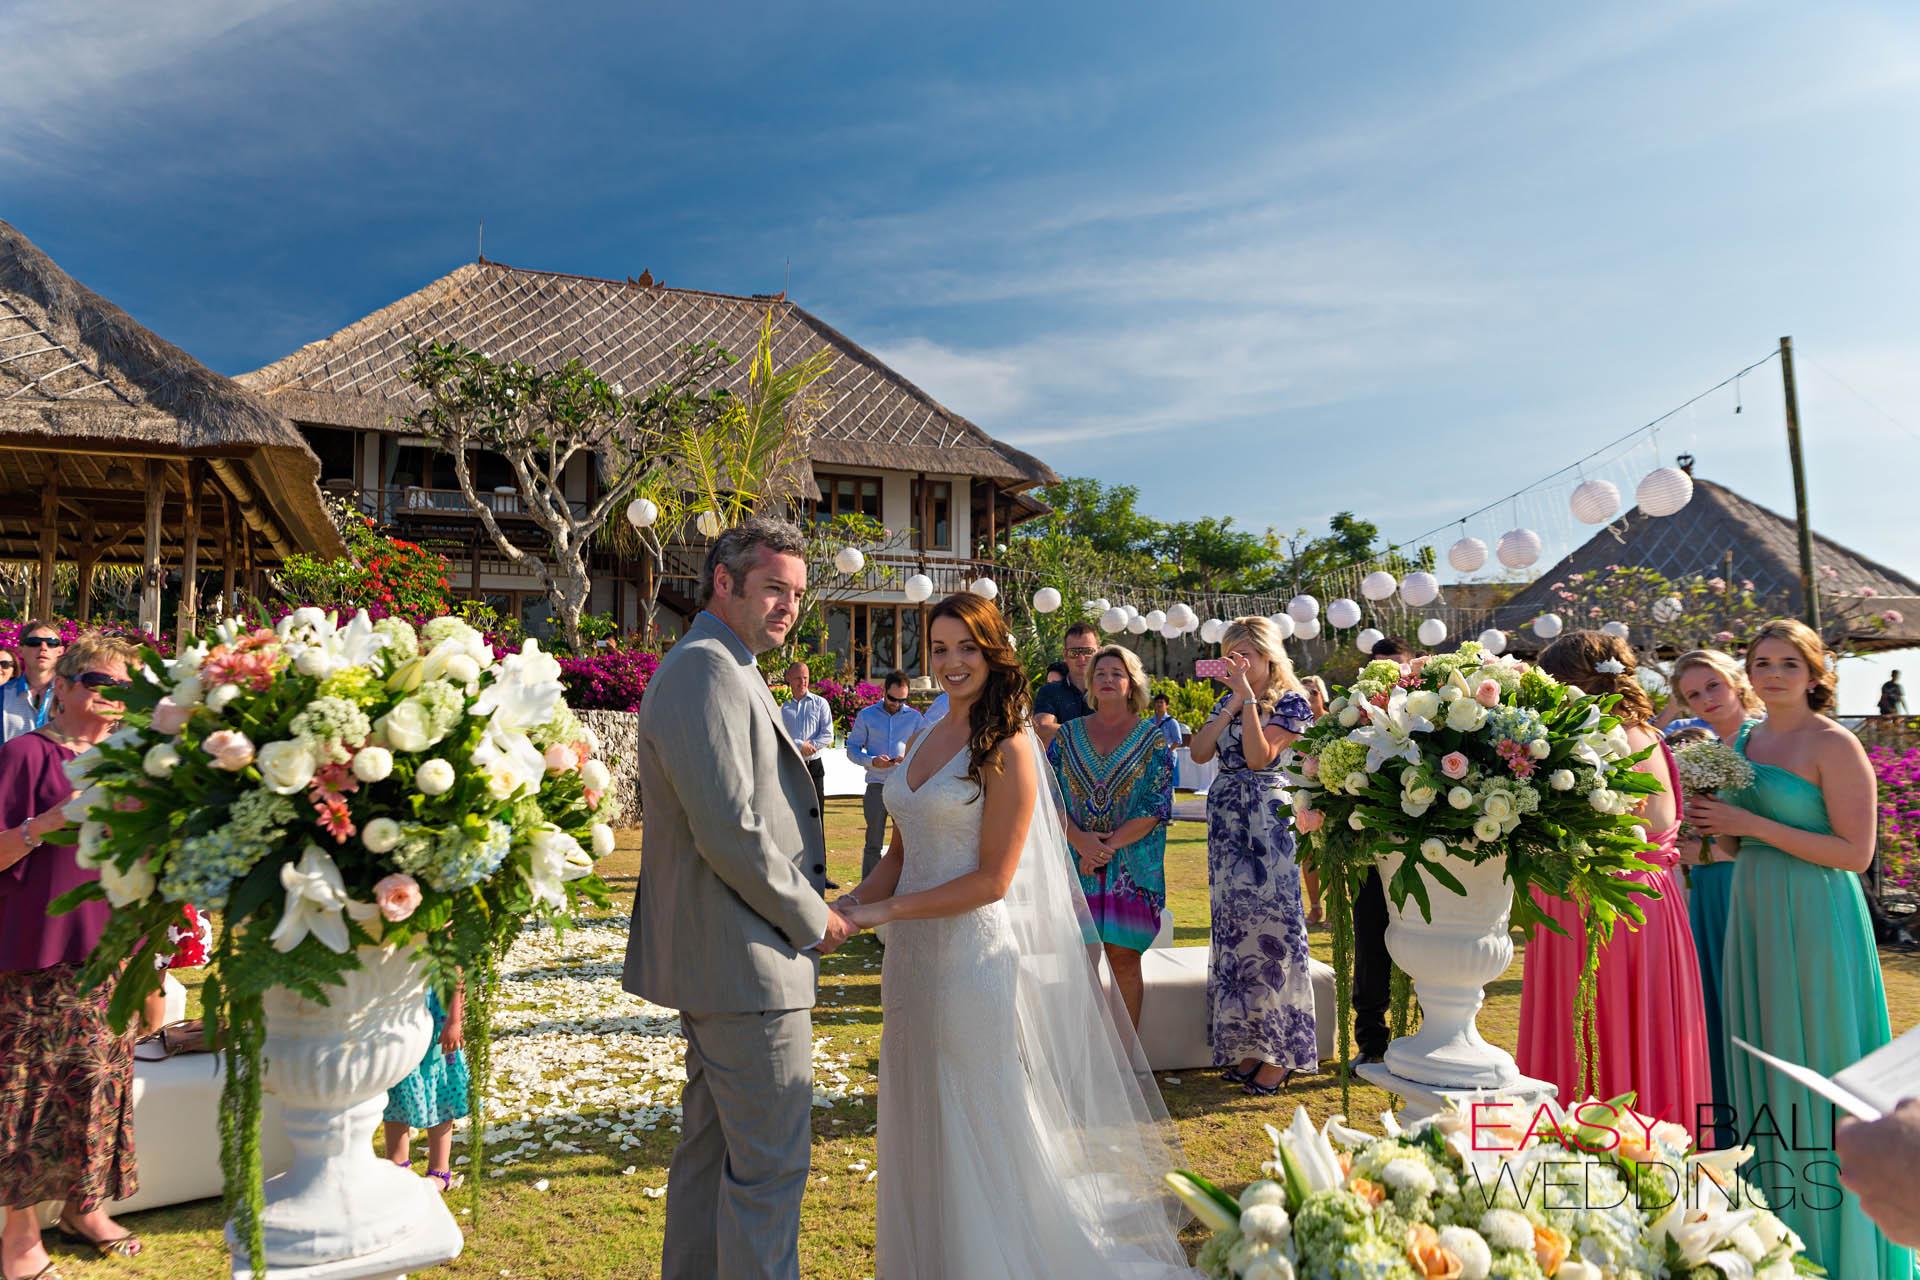 010-cliff-side-wedding-at-bayuh-sabbha.jpg